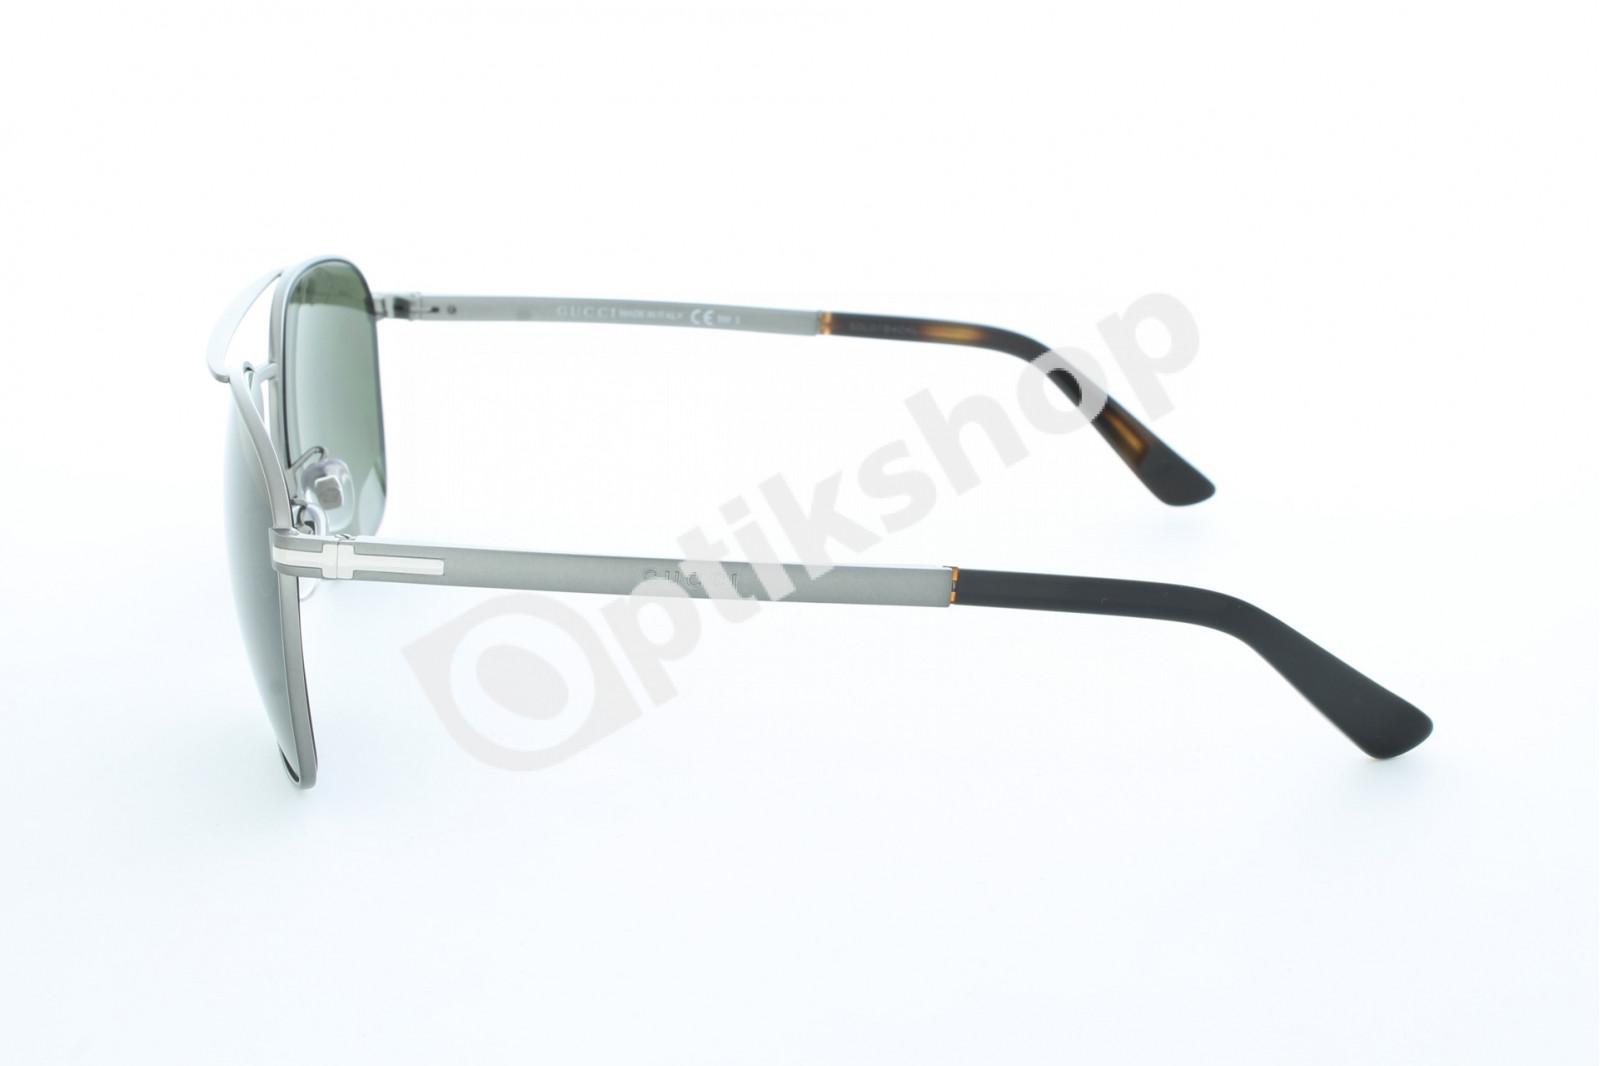 Gant napszemüveg  Gant napszemüveg  Gant napszemüveg cdd4473846